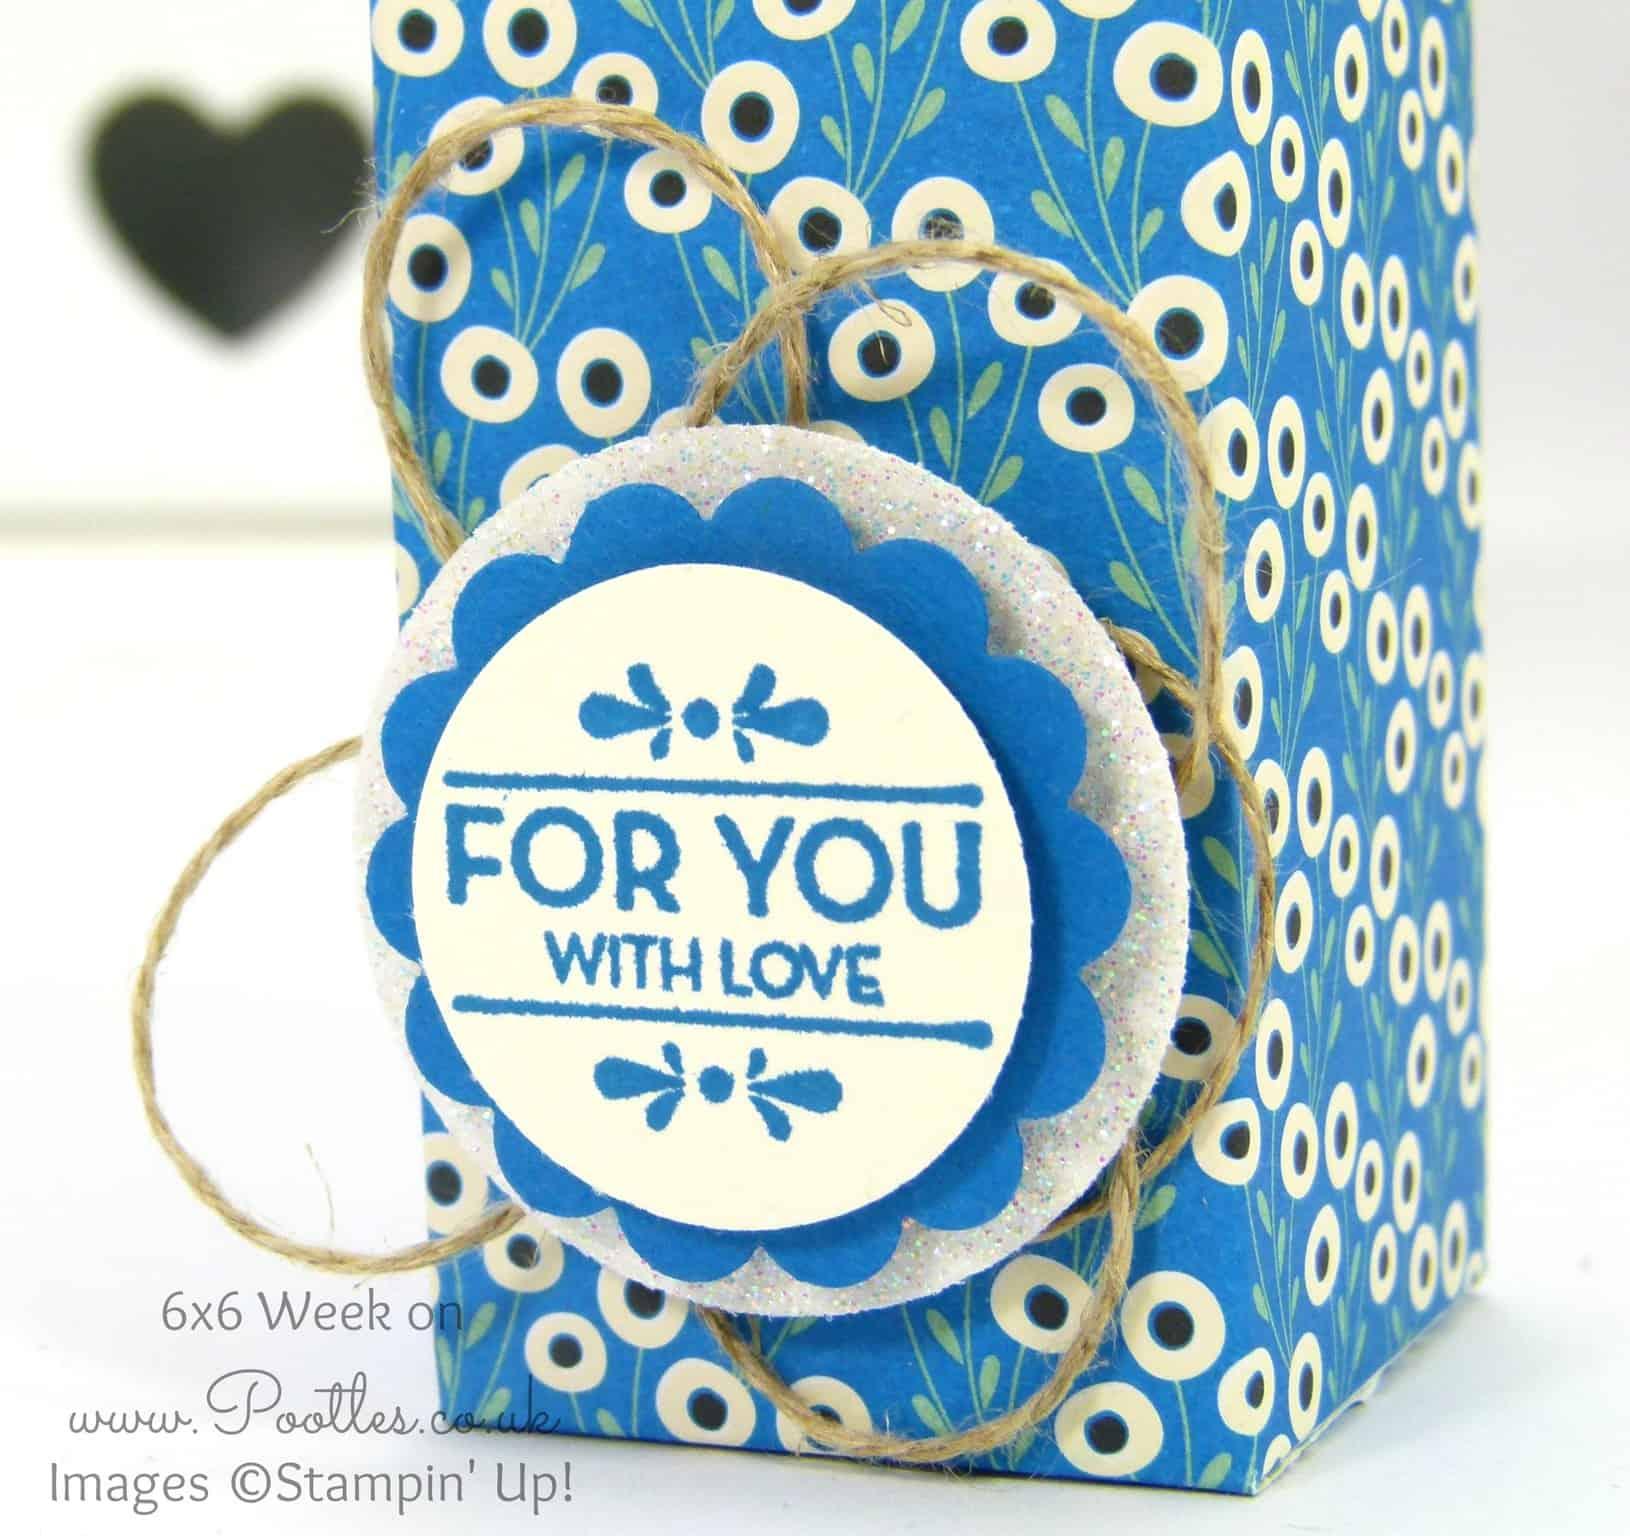 Pootles 6×6 Week #3 Slim Milk Carton Tutorial